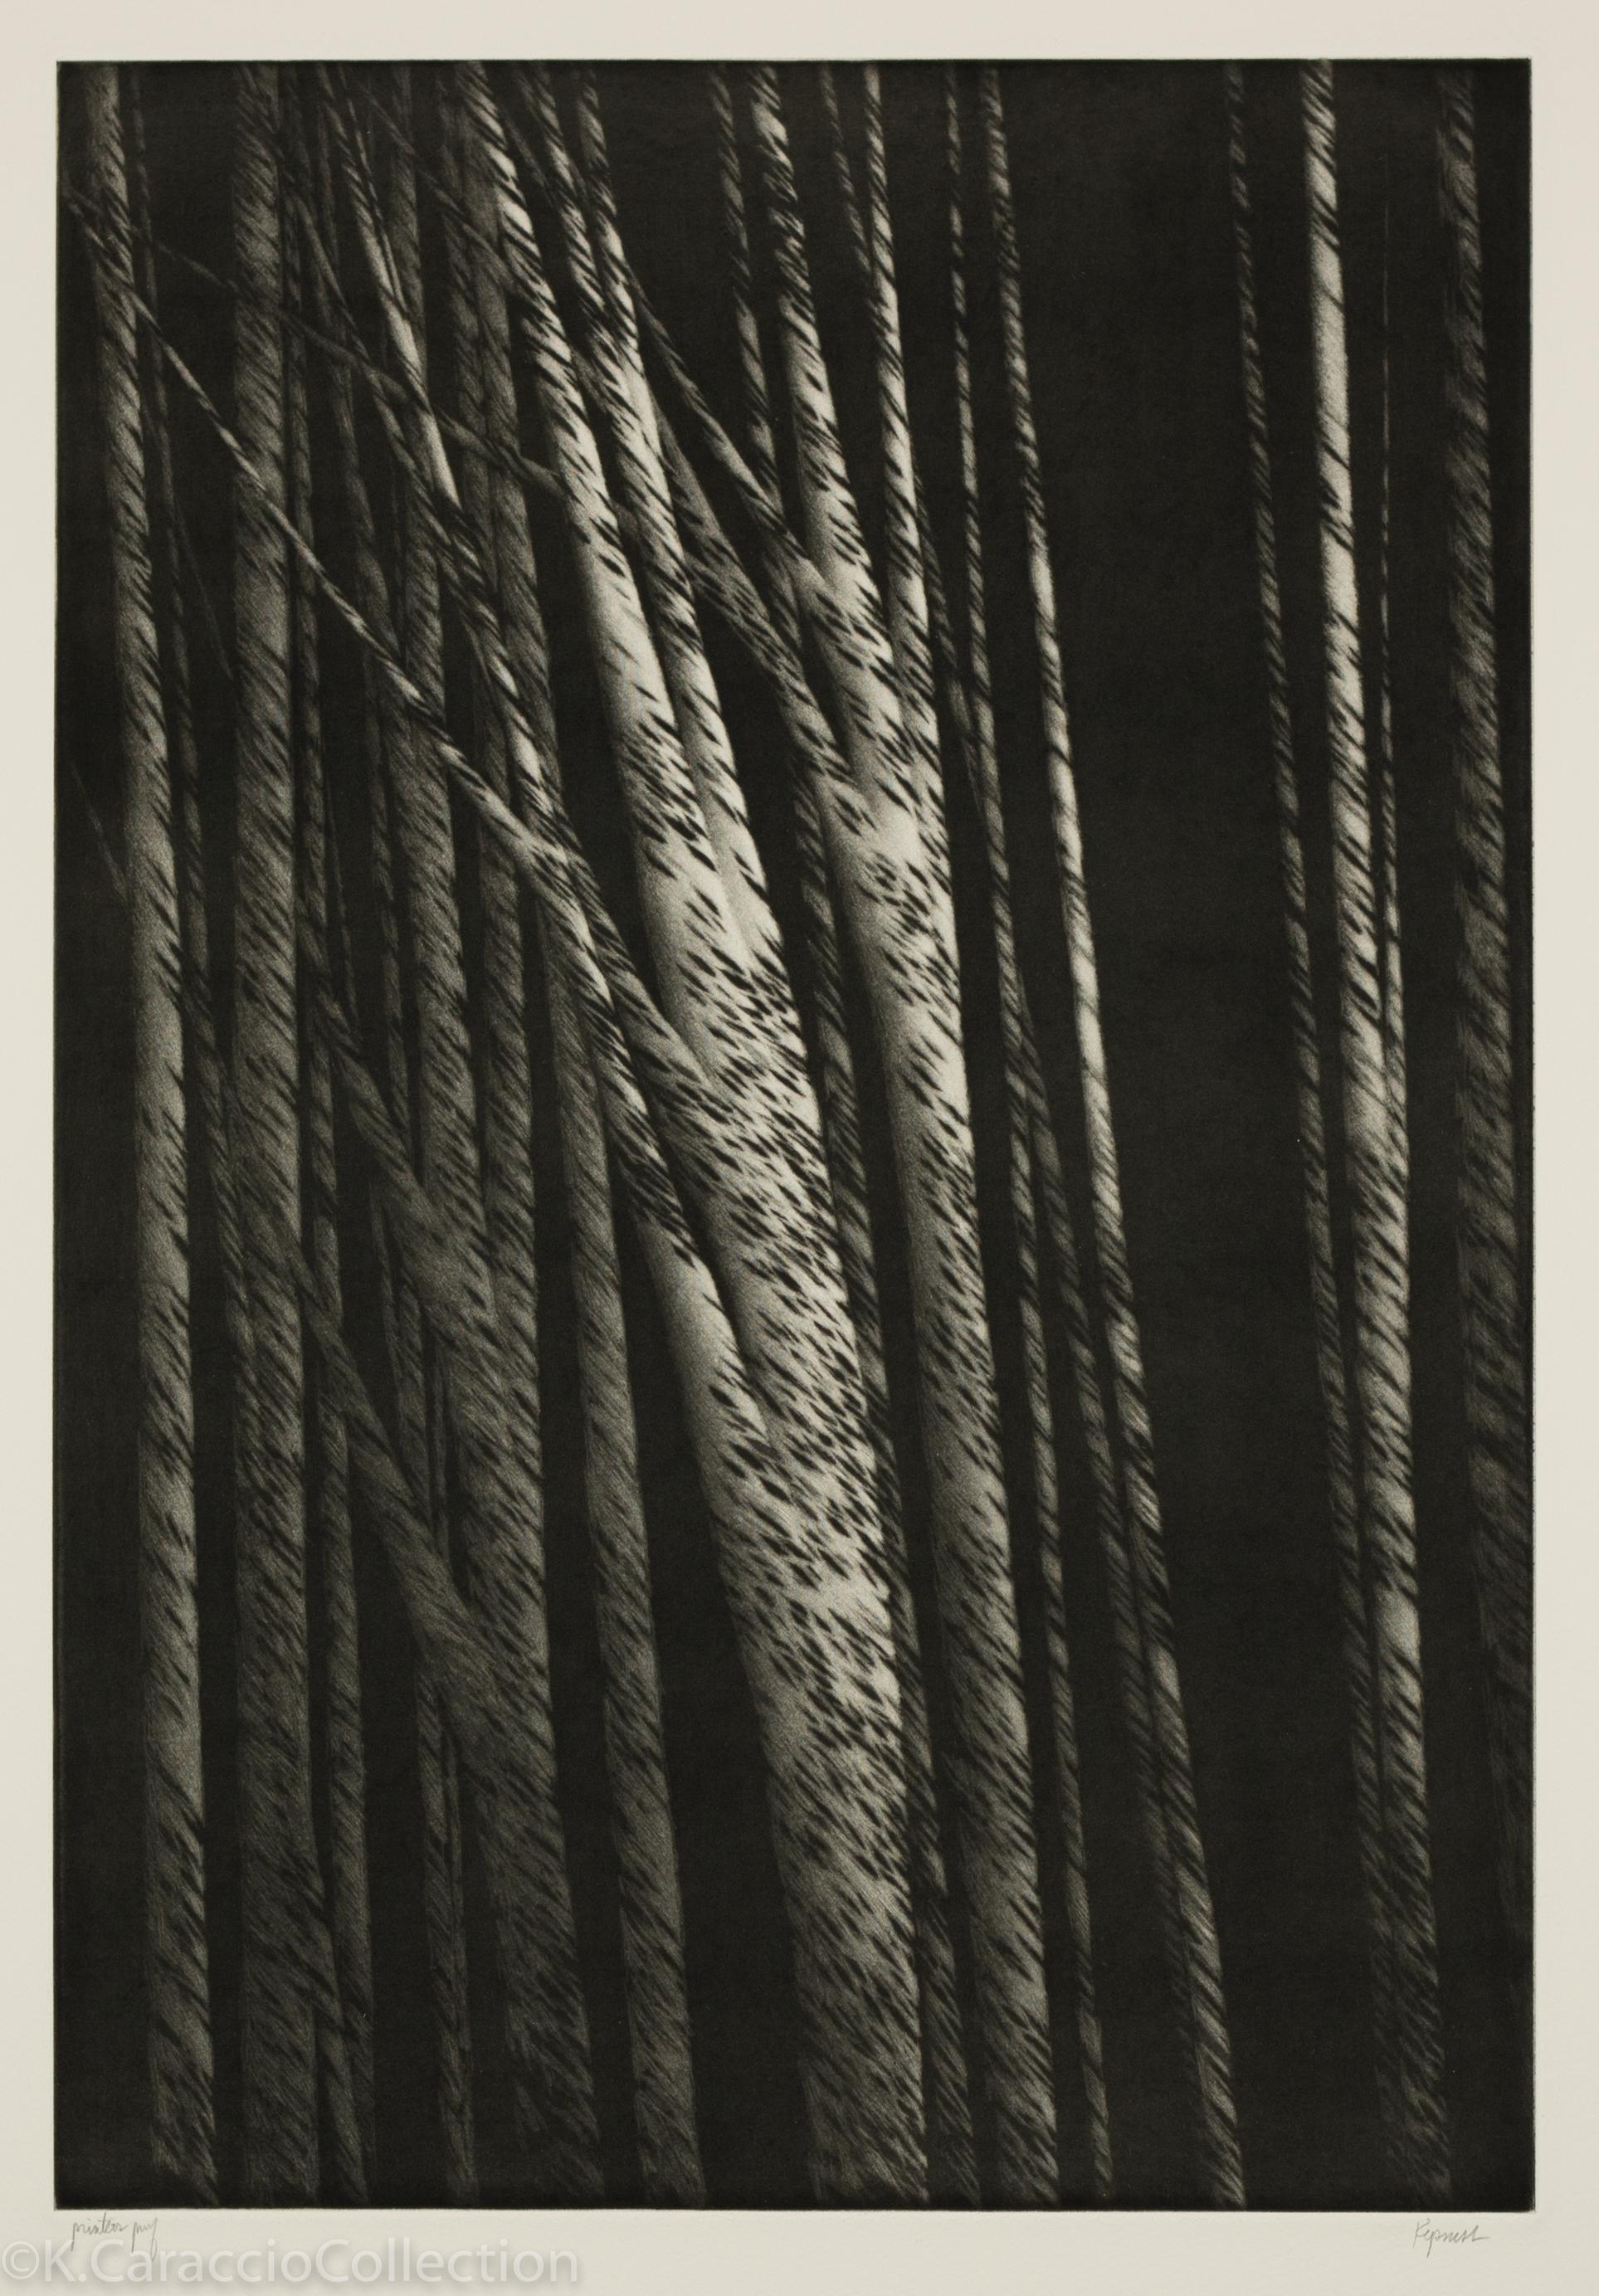 Tall Trees at Night, 2001